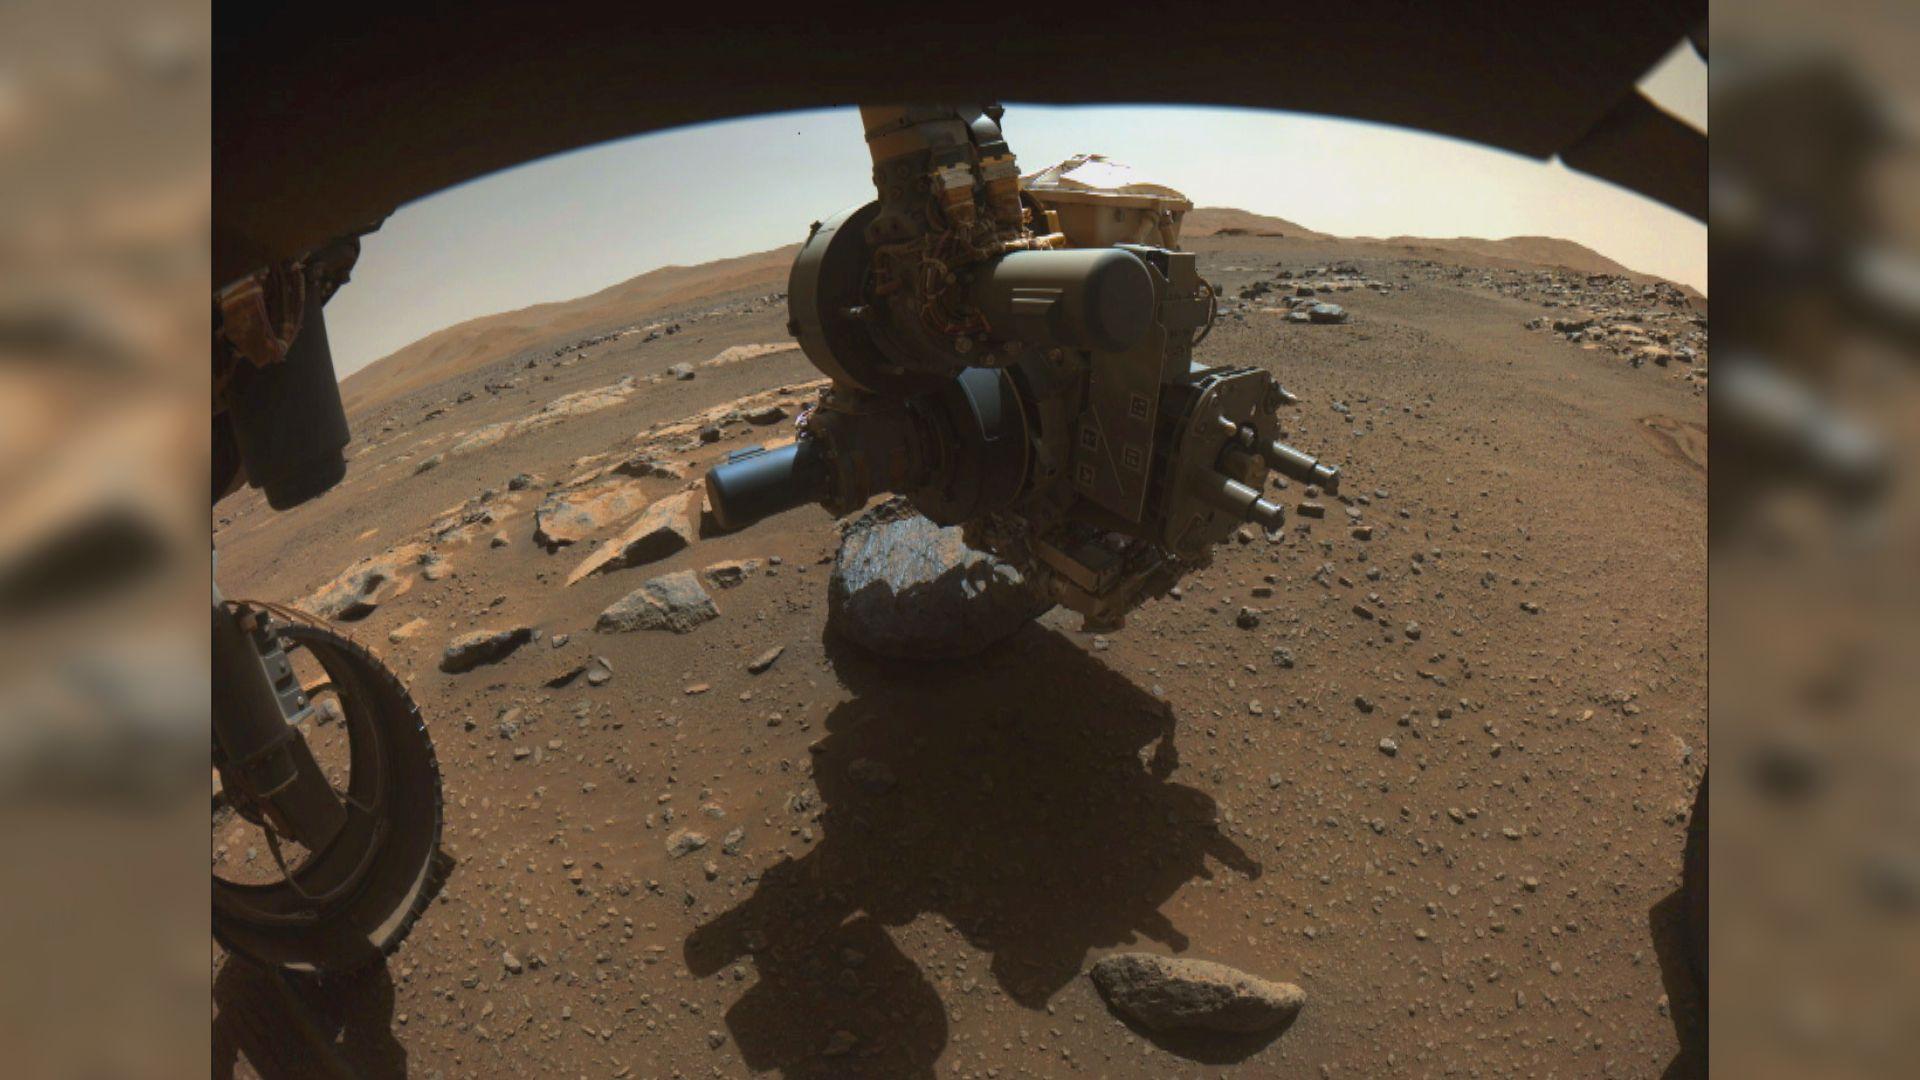 【環球薈報】NASA火星車採集岩石樣本顯示火星或曾長期有水存在